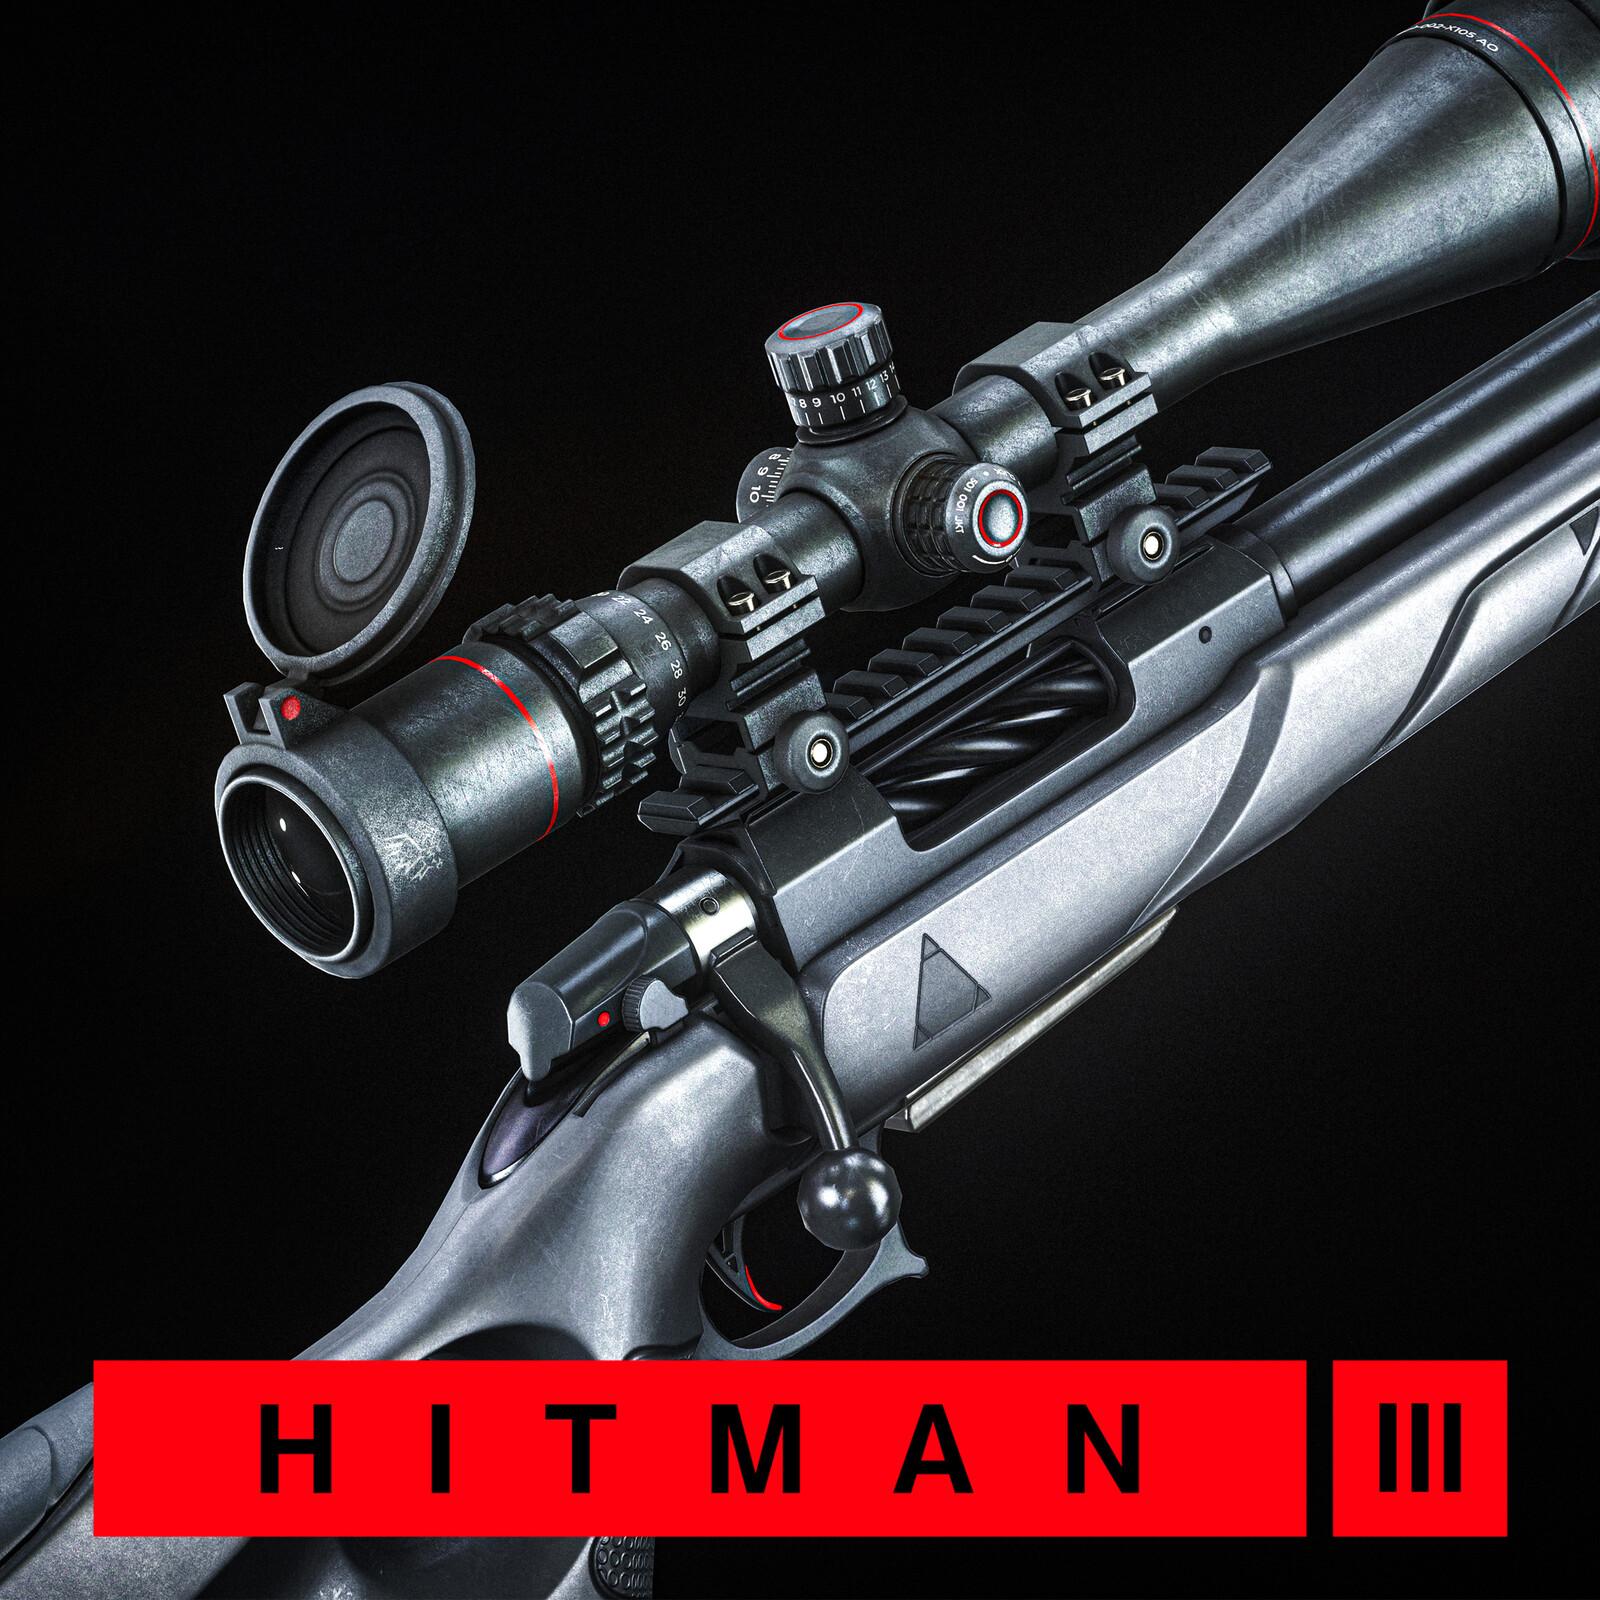 Hitman 3 - ICA Hunting Rifle